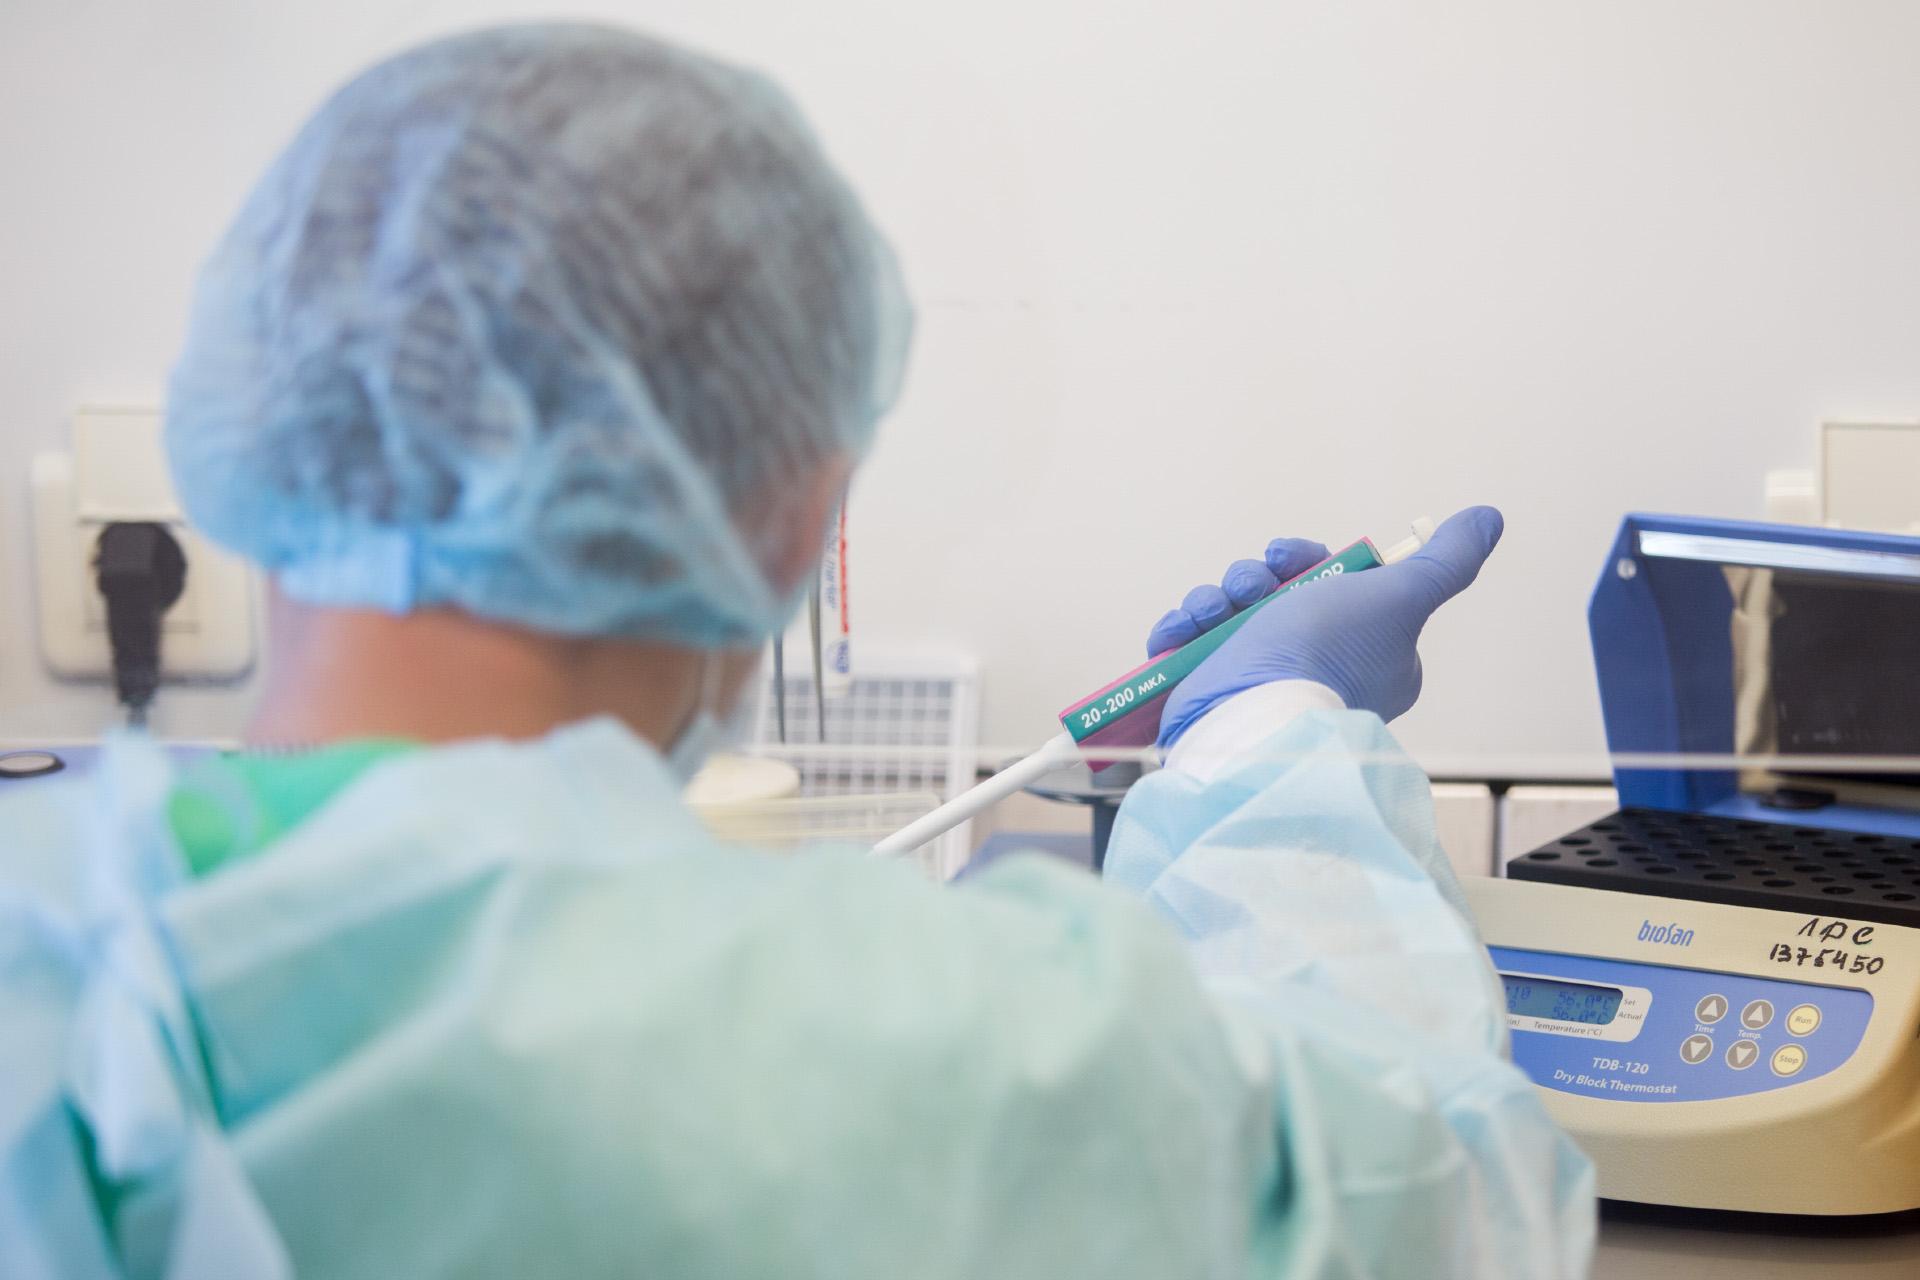 Эффективность препарата для конкретного пациента сначала проверяют в лаборатории